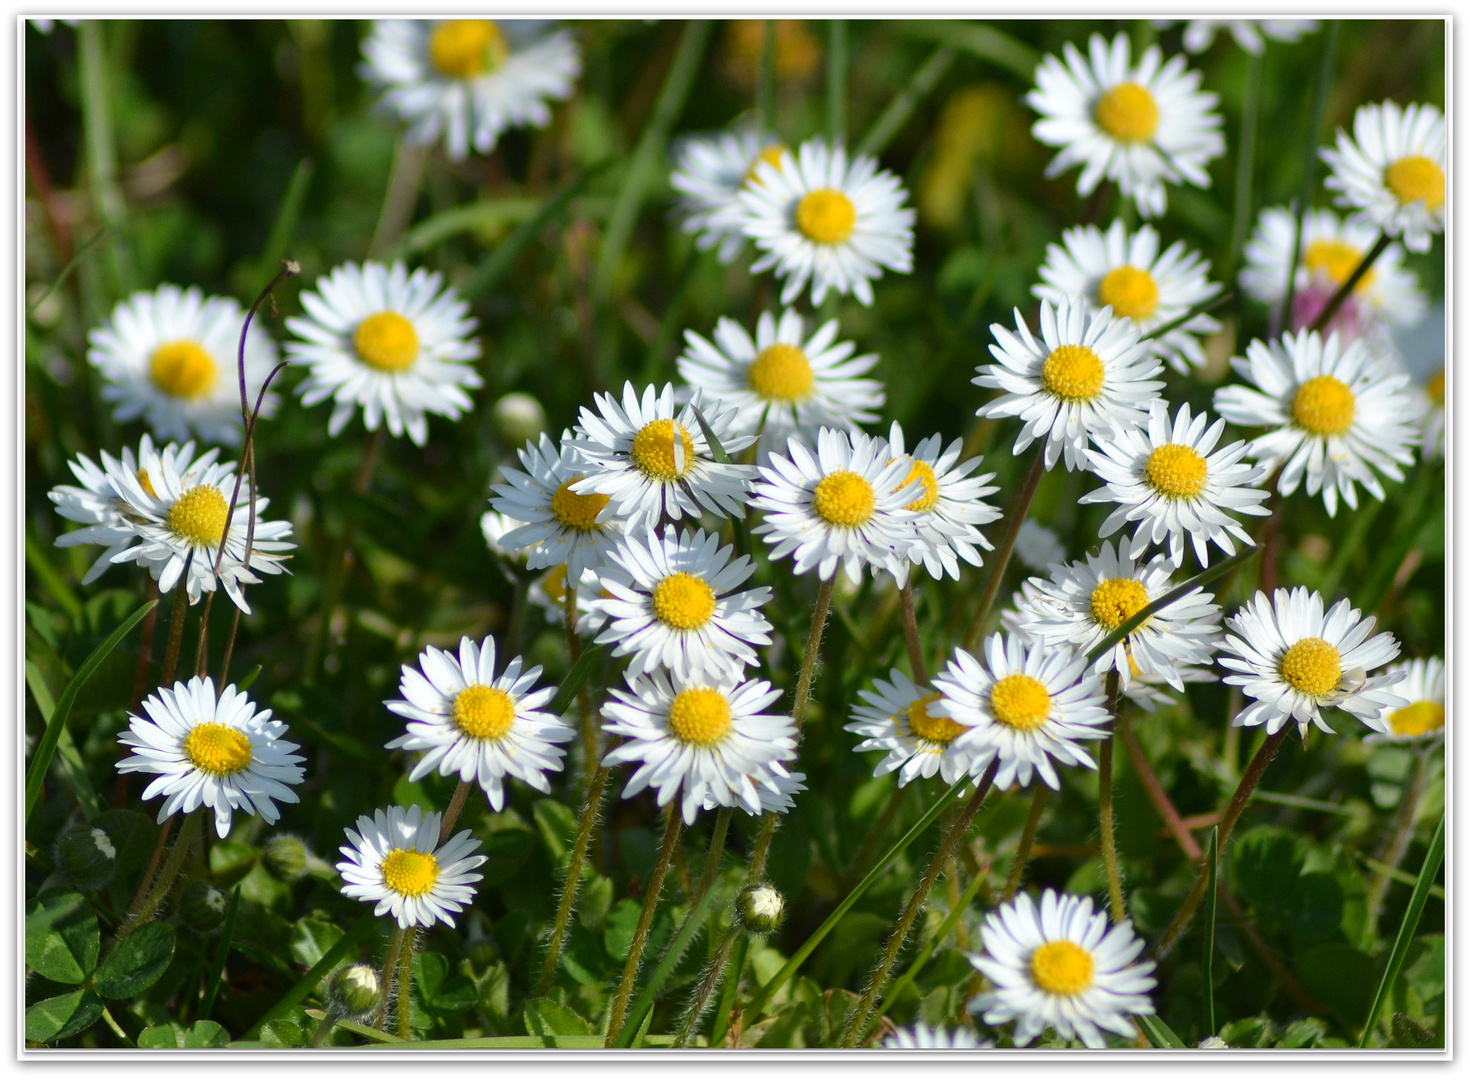 La semplicità della primavera...